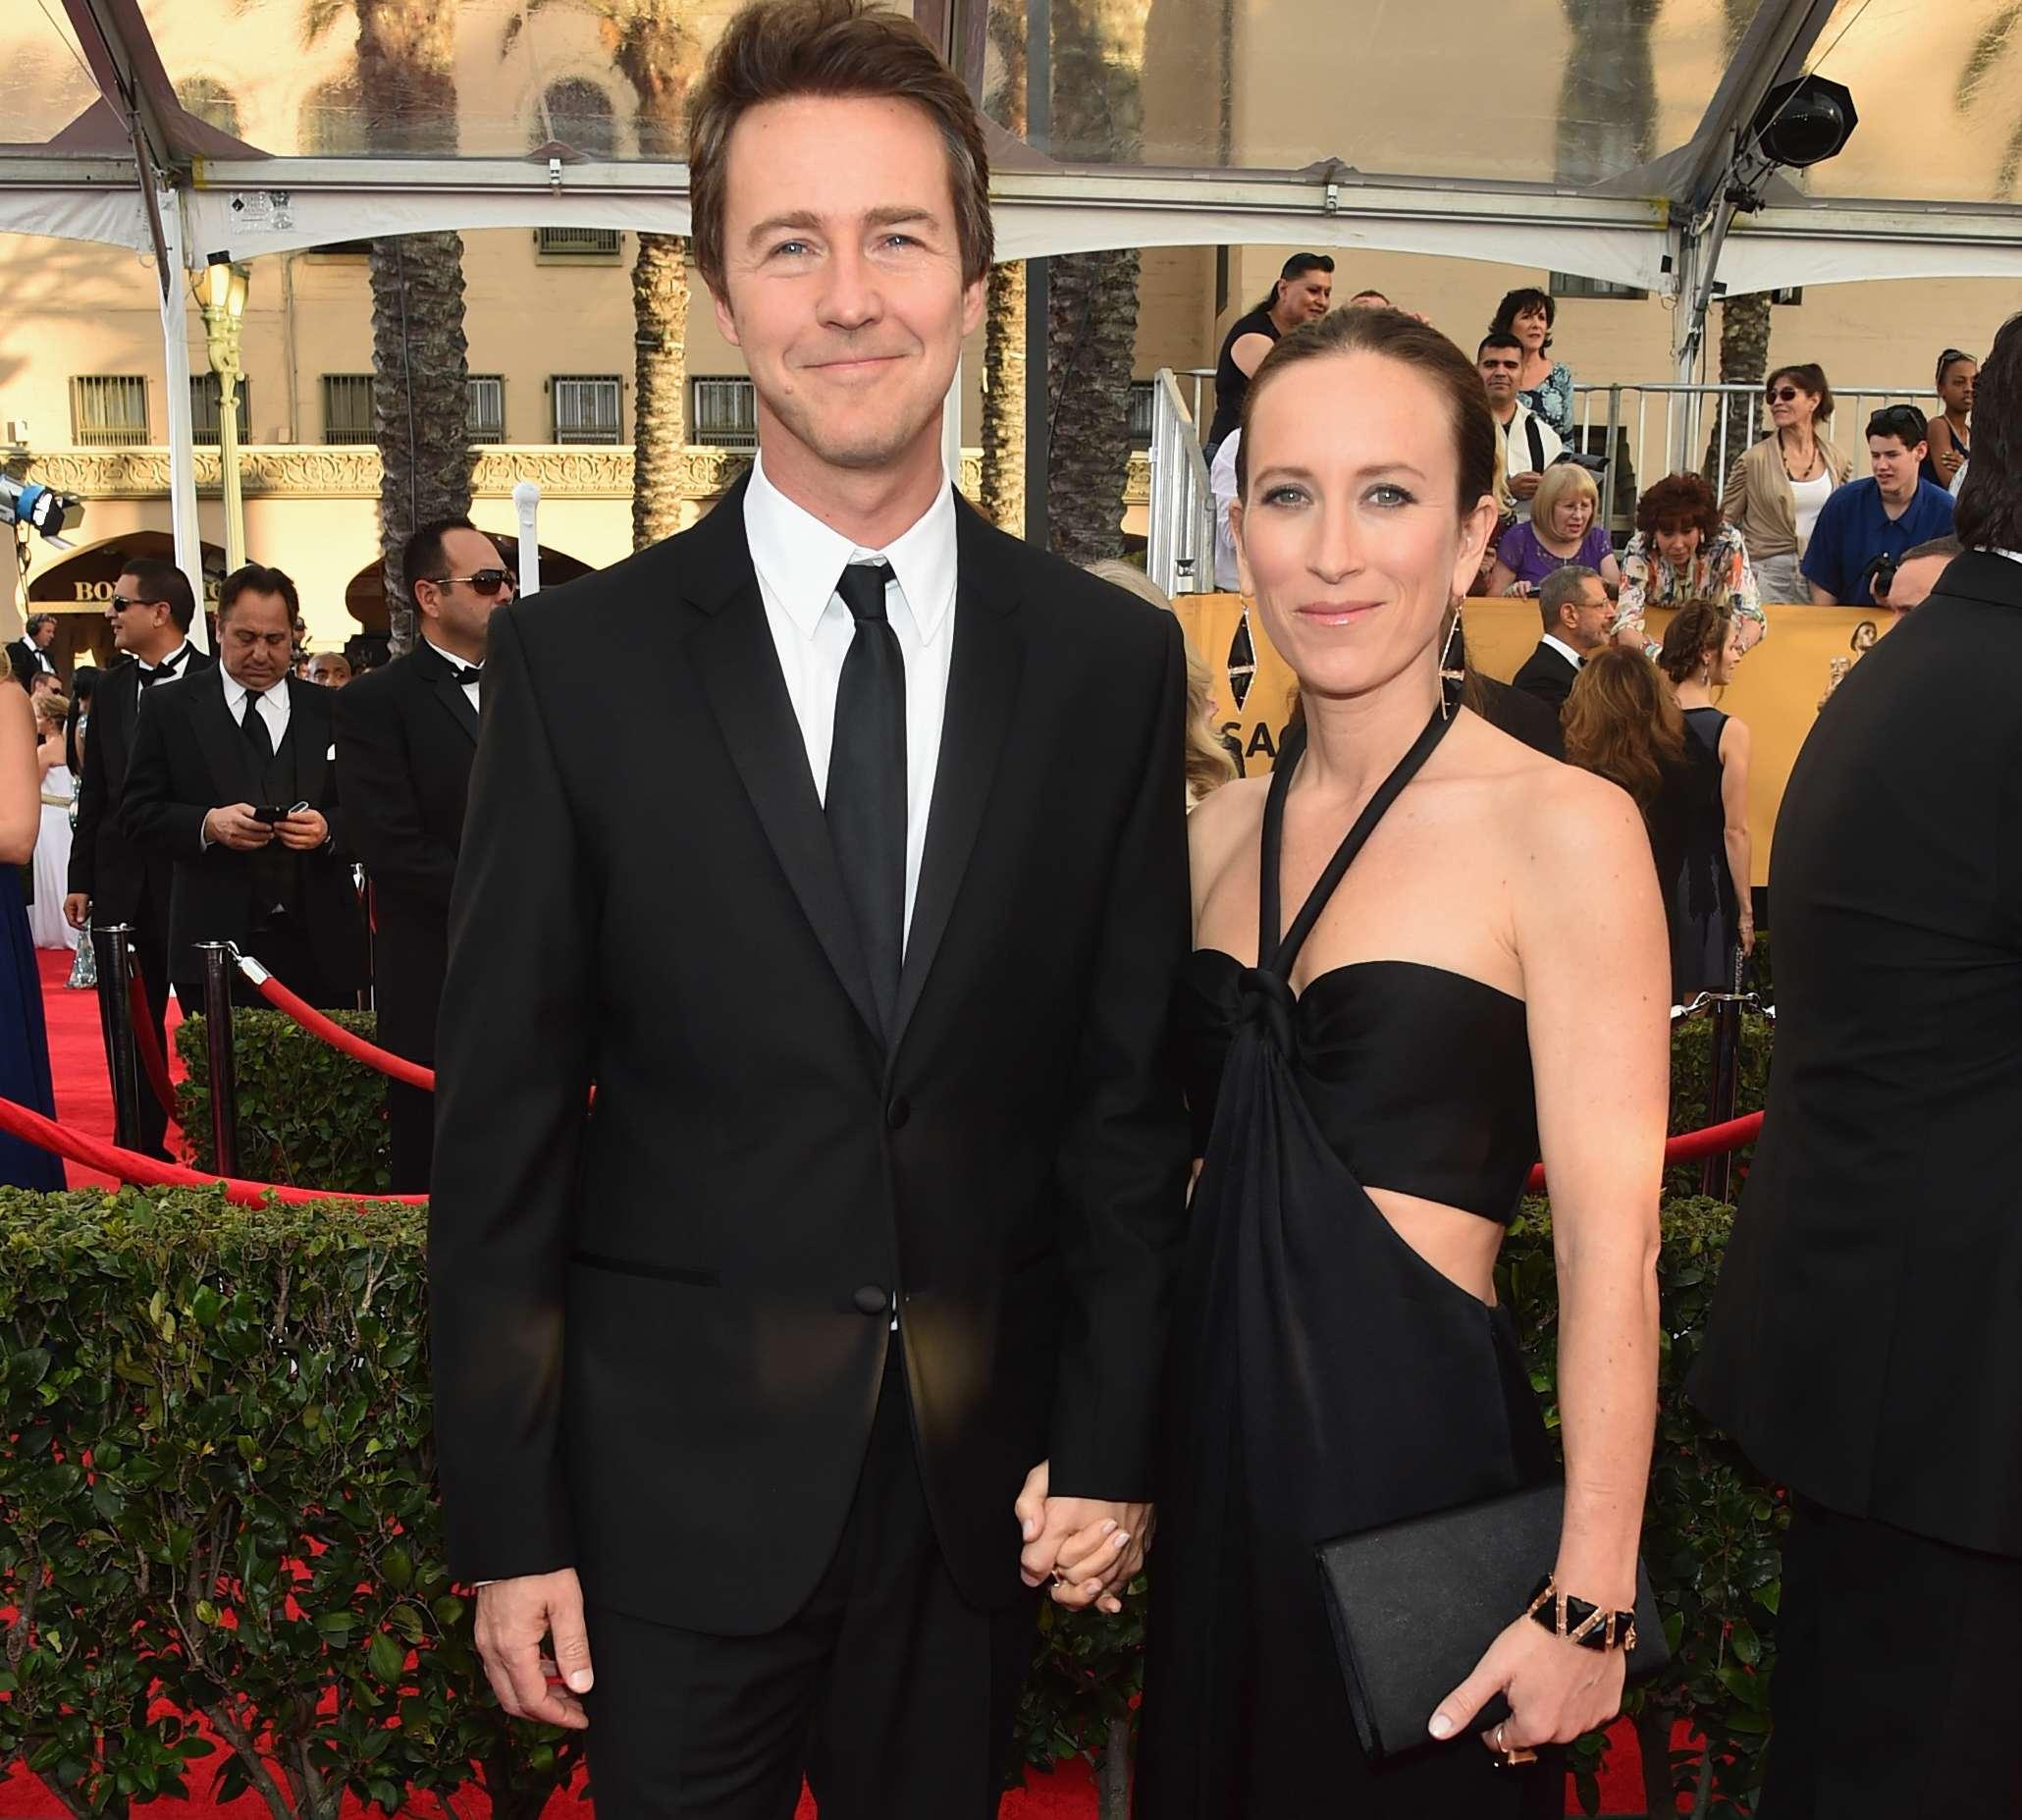 Edward Norton y Shauna Robertson mantuvieron una relación sentimental de seis años antes de que él le pidiera matrimonio en 2011. Foto: Getty Images